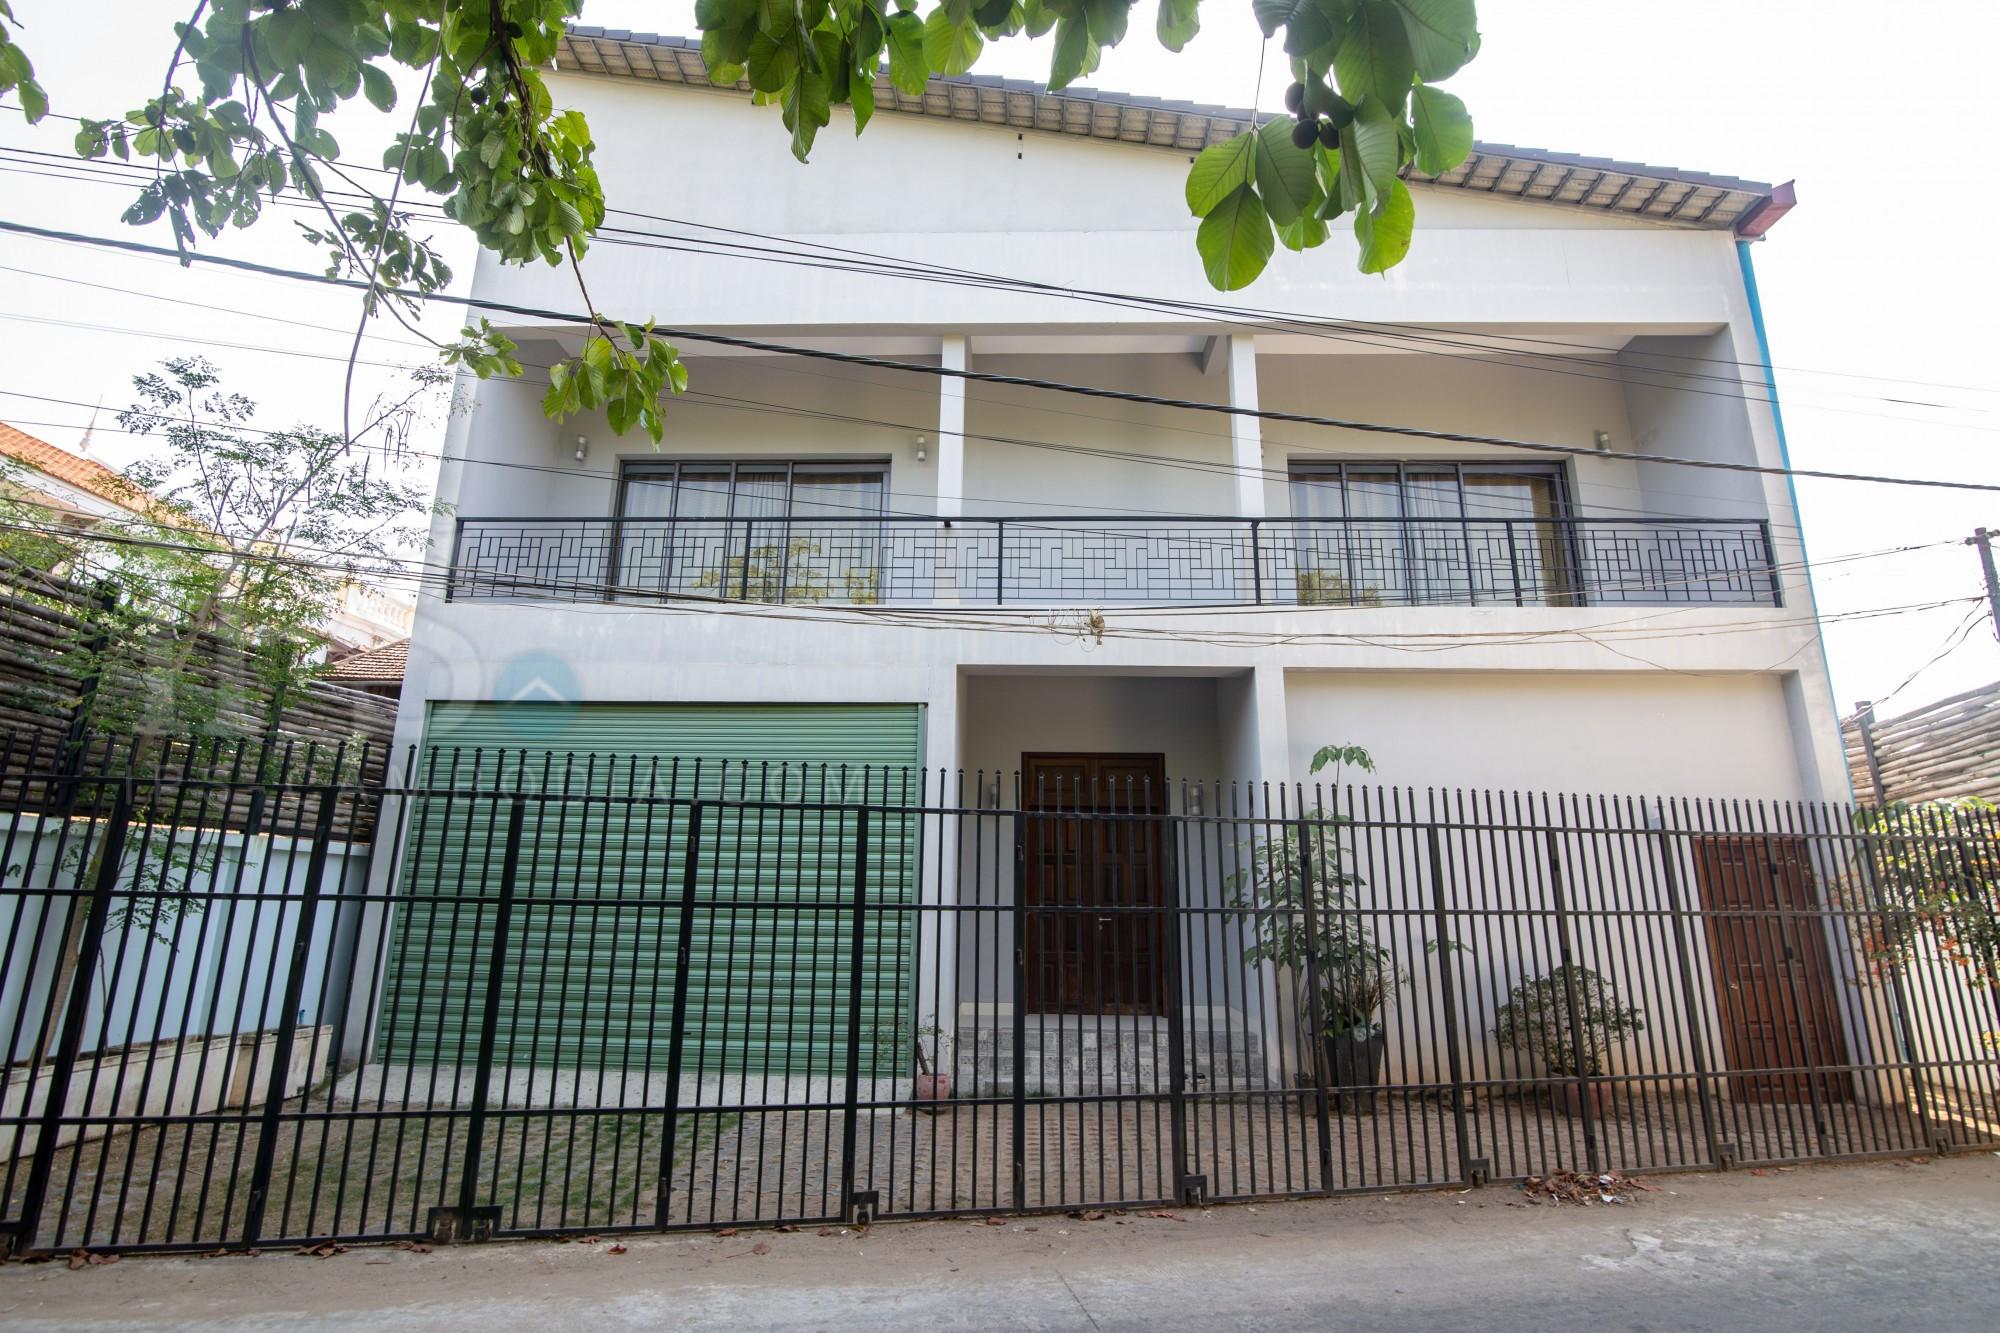 4 Bedroom Villa  For Rent - Preaek Aeng, Phnom Penh